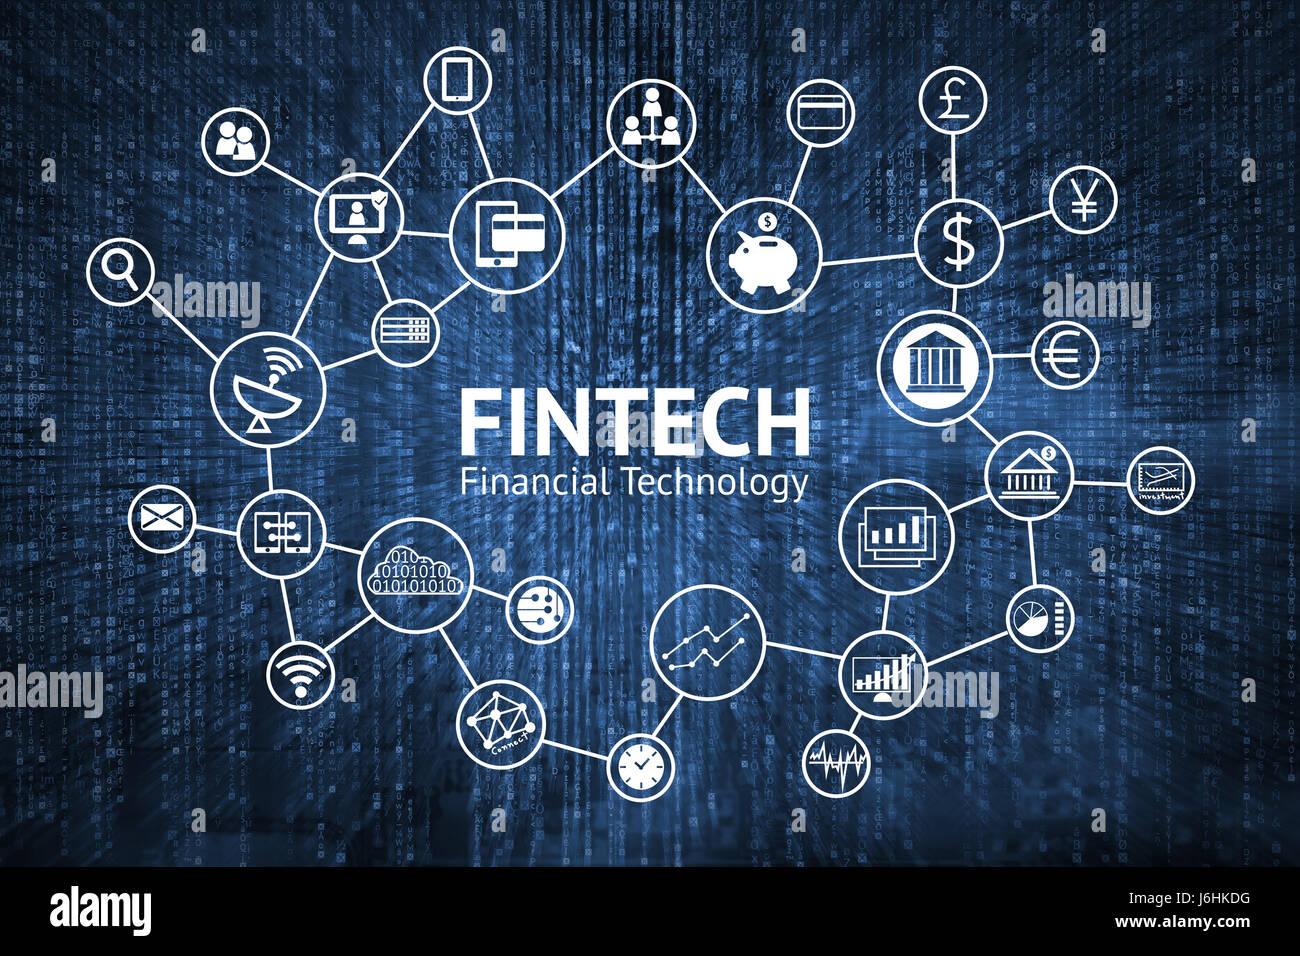 Fintech Concepto Internet. El texto y los iconos de la tecnología financiera de inversión con matriz azul Imagen De Stock